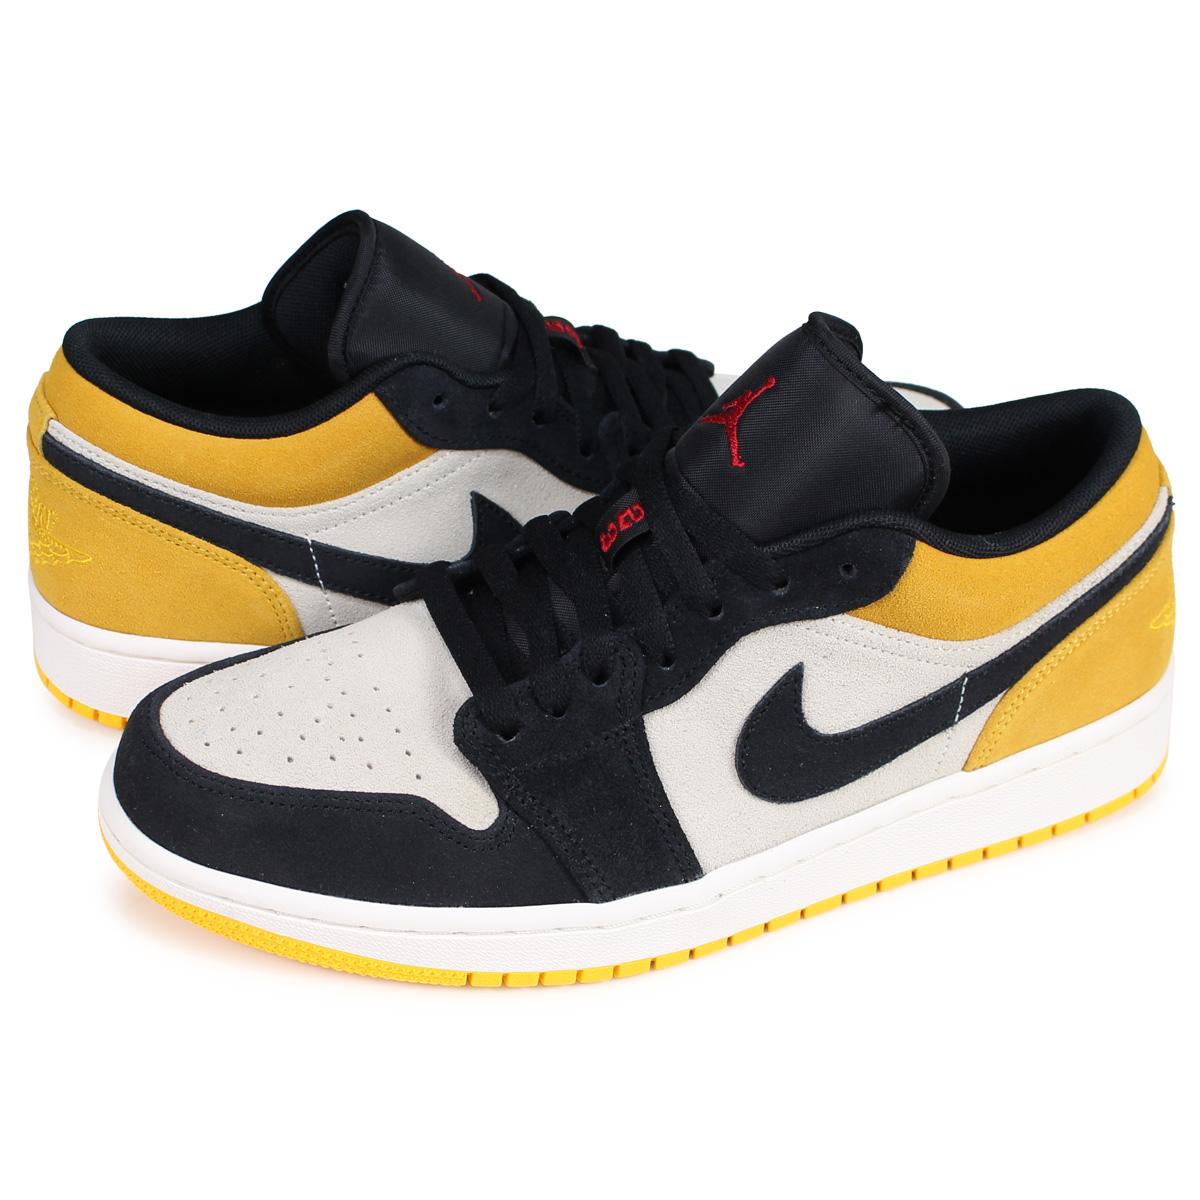 dostępność w Wielkiej Brytanii świetne dopasowanie moda Nike NIKE Air Jordan 1 nostalgic sneakers men AIR JORDAN 1 LOW BLACK TOE つま  black white white 553,558-127 [195]